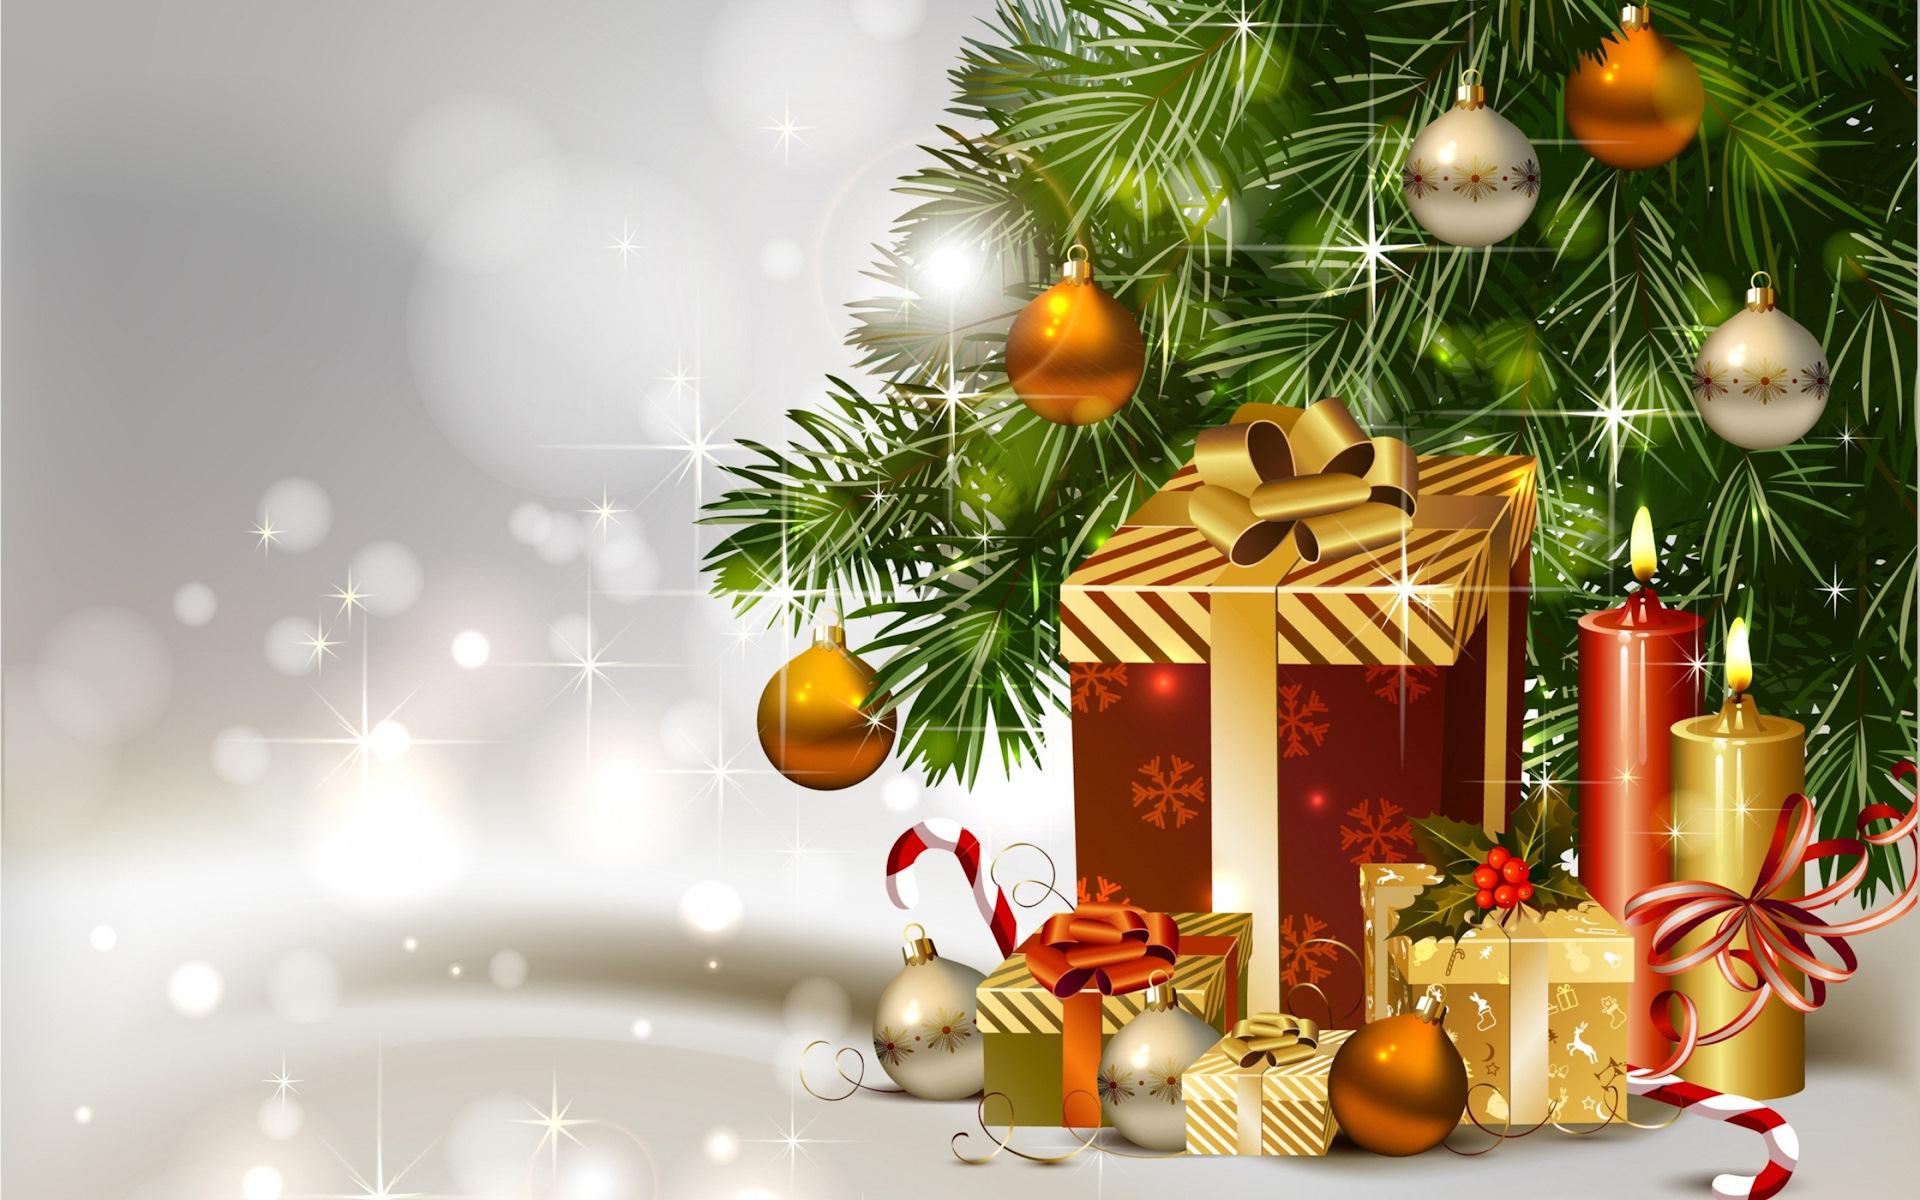 Павел день, открытки с новогодними елочками